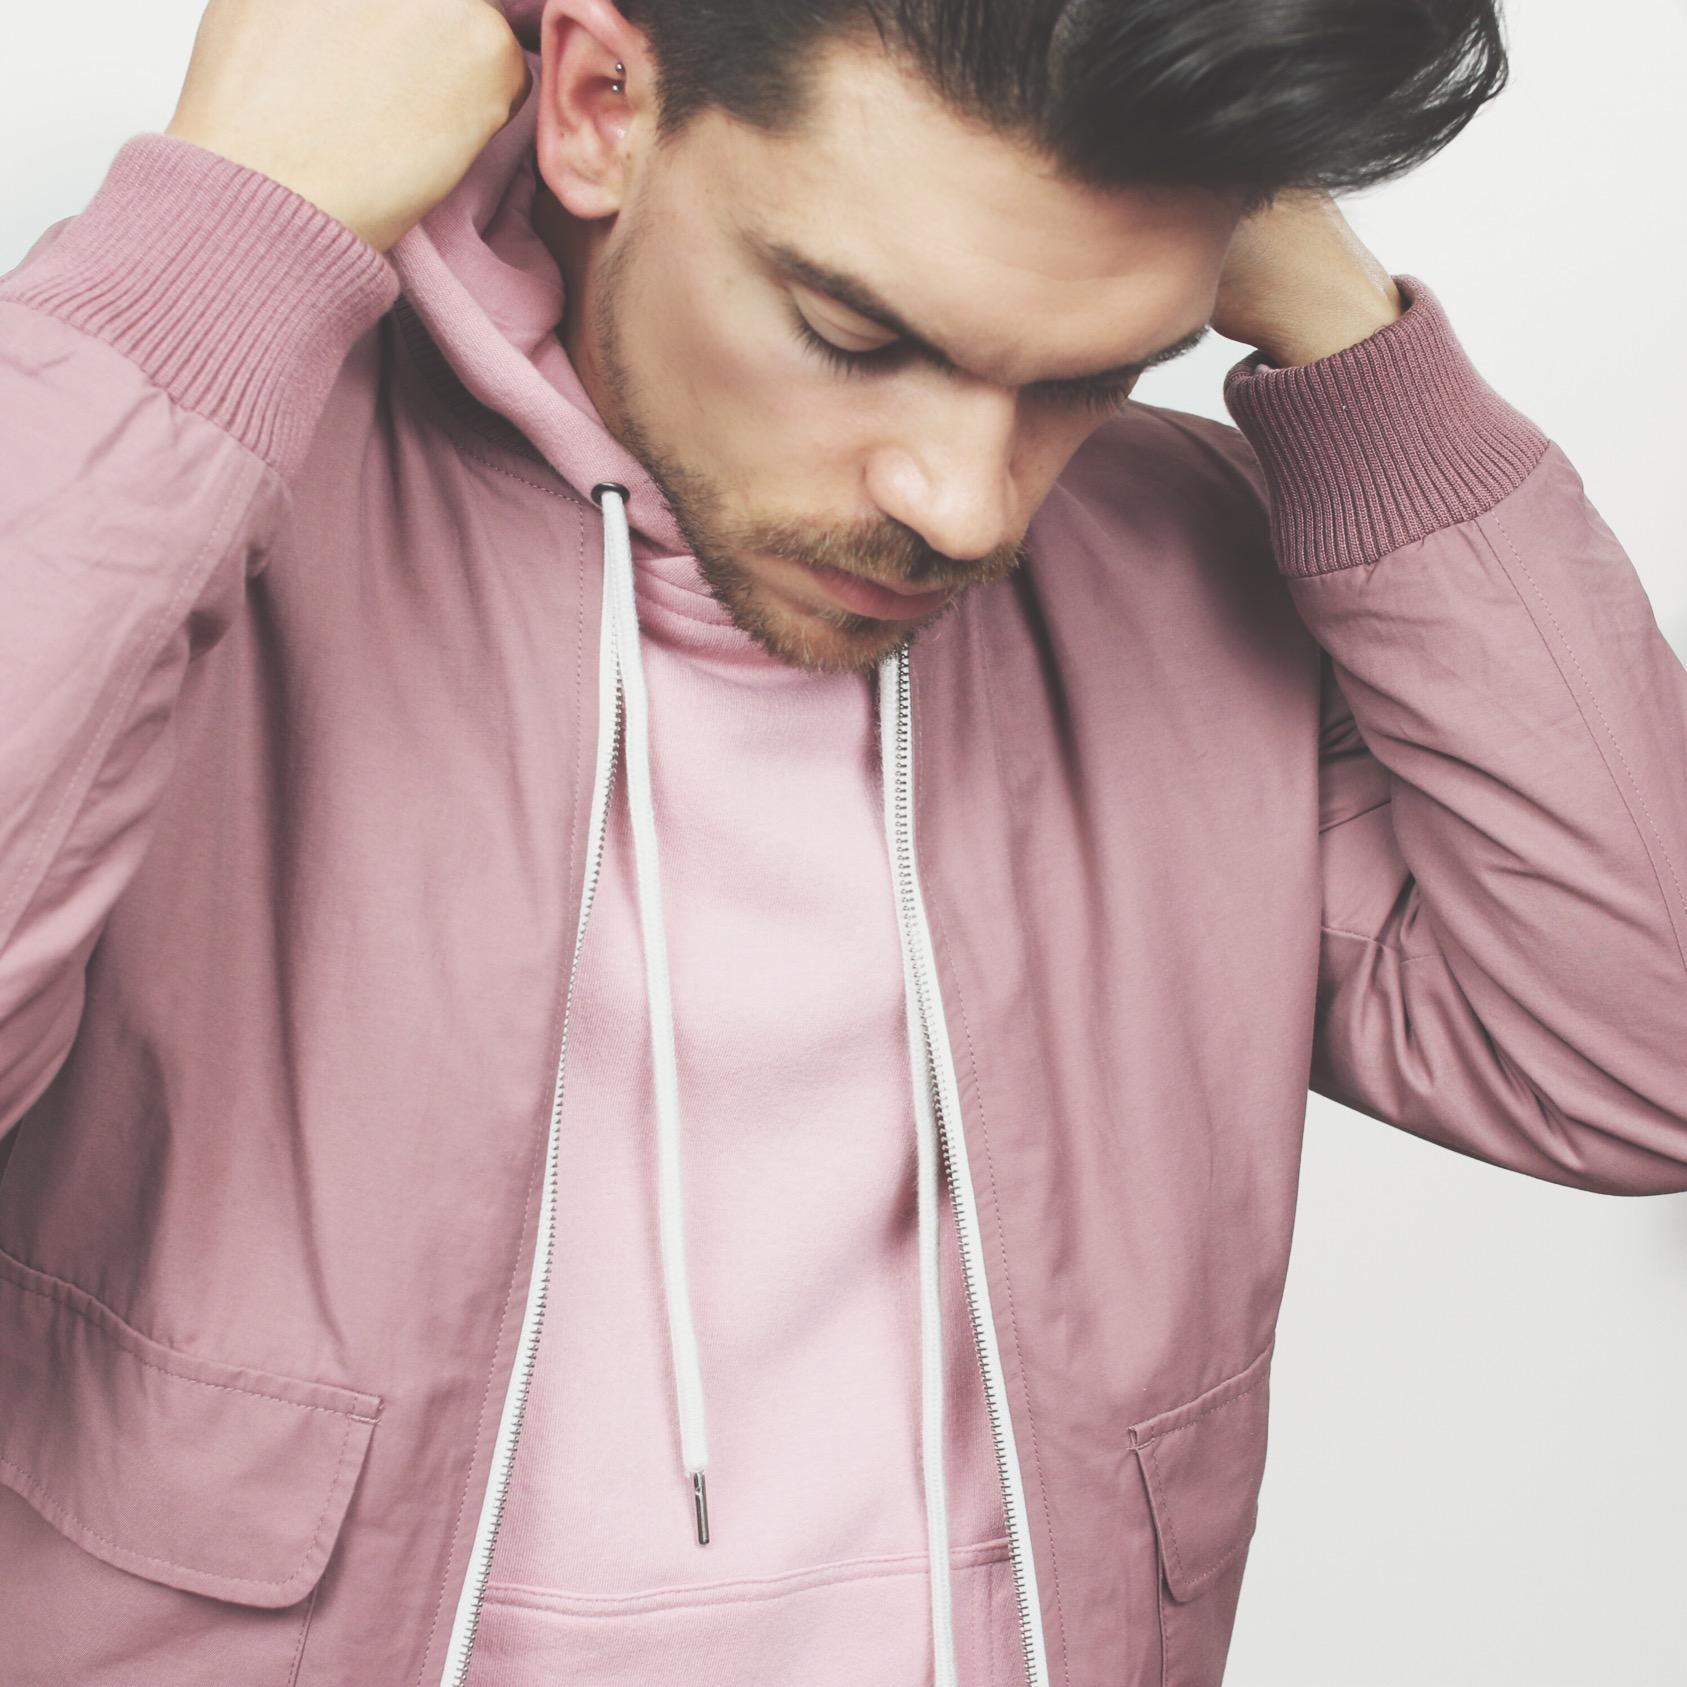 For-Himself-Pastel-Pink-Hoody